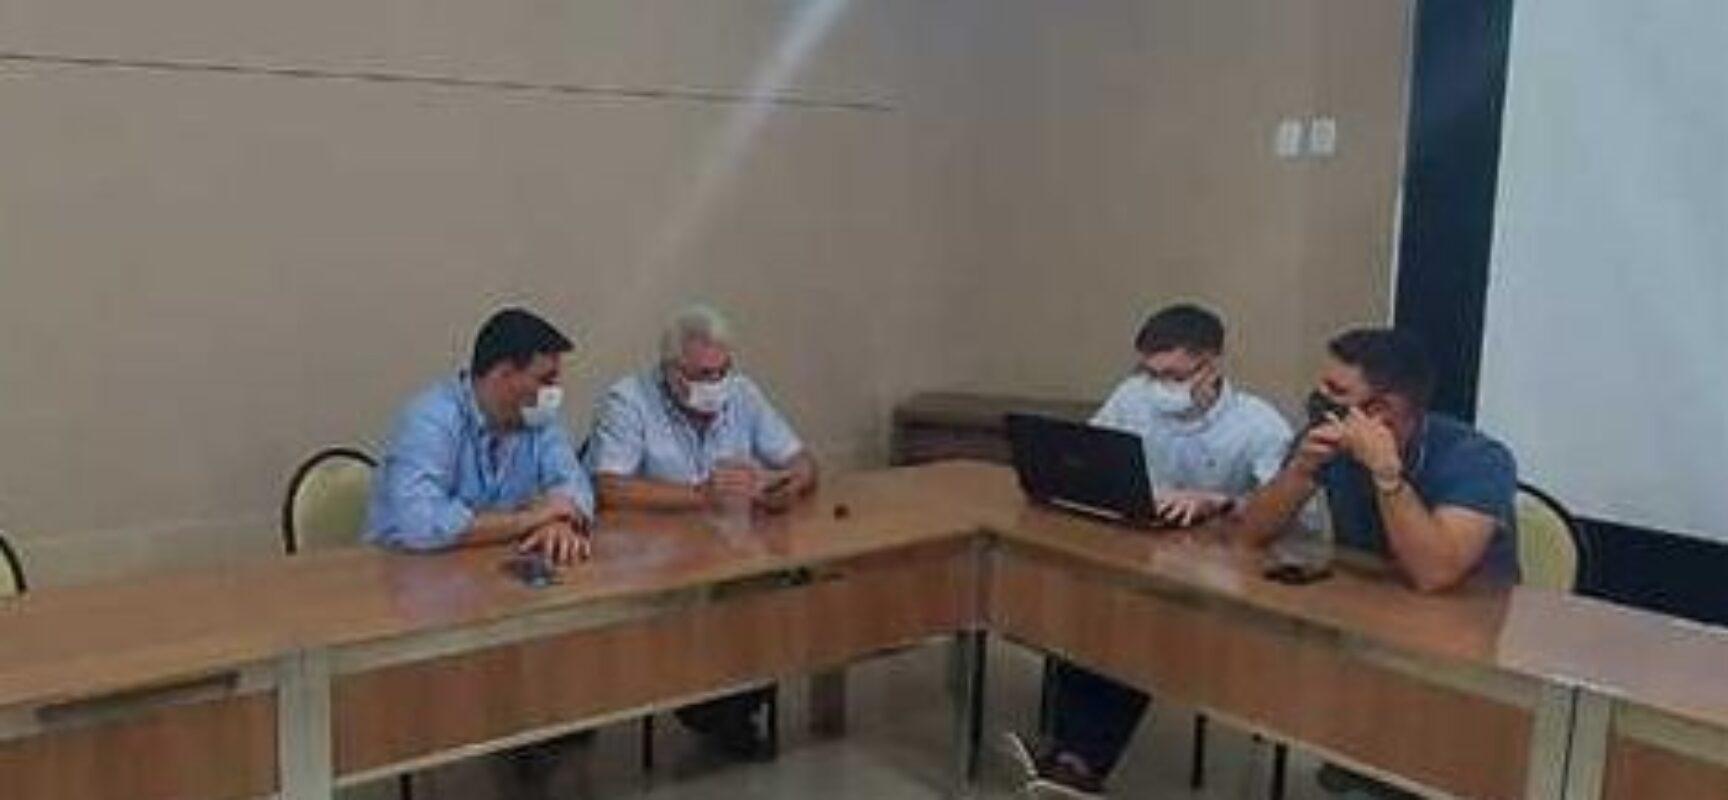 Prefeitura de Ilhéus e Embasa dialogam sobre reparo de buracos em vias públicas do município